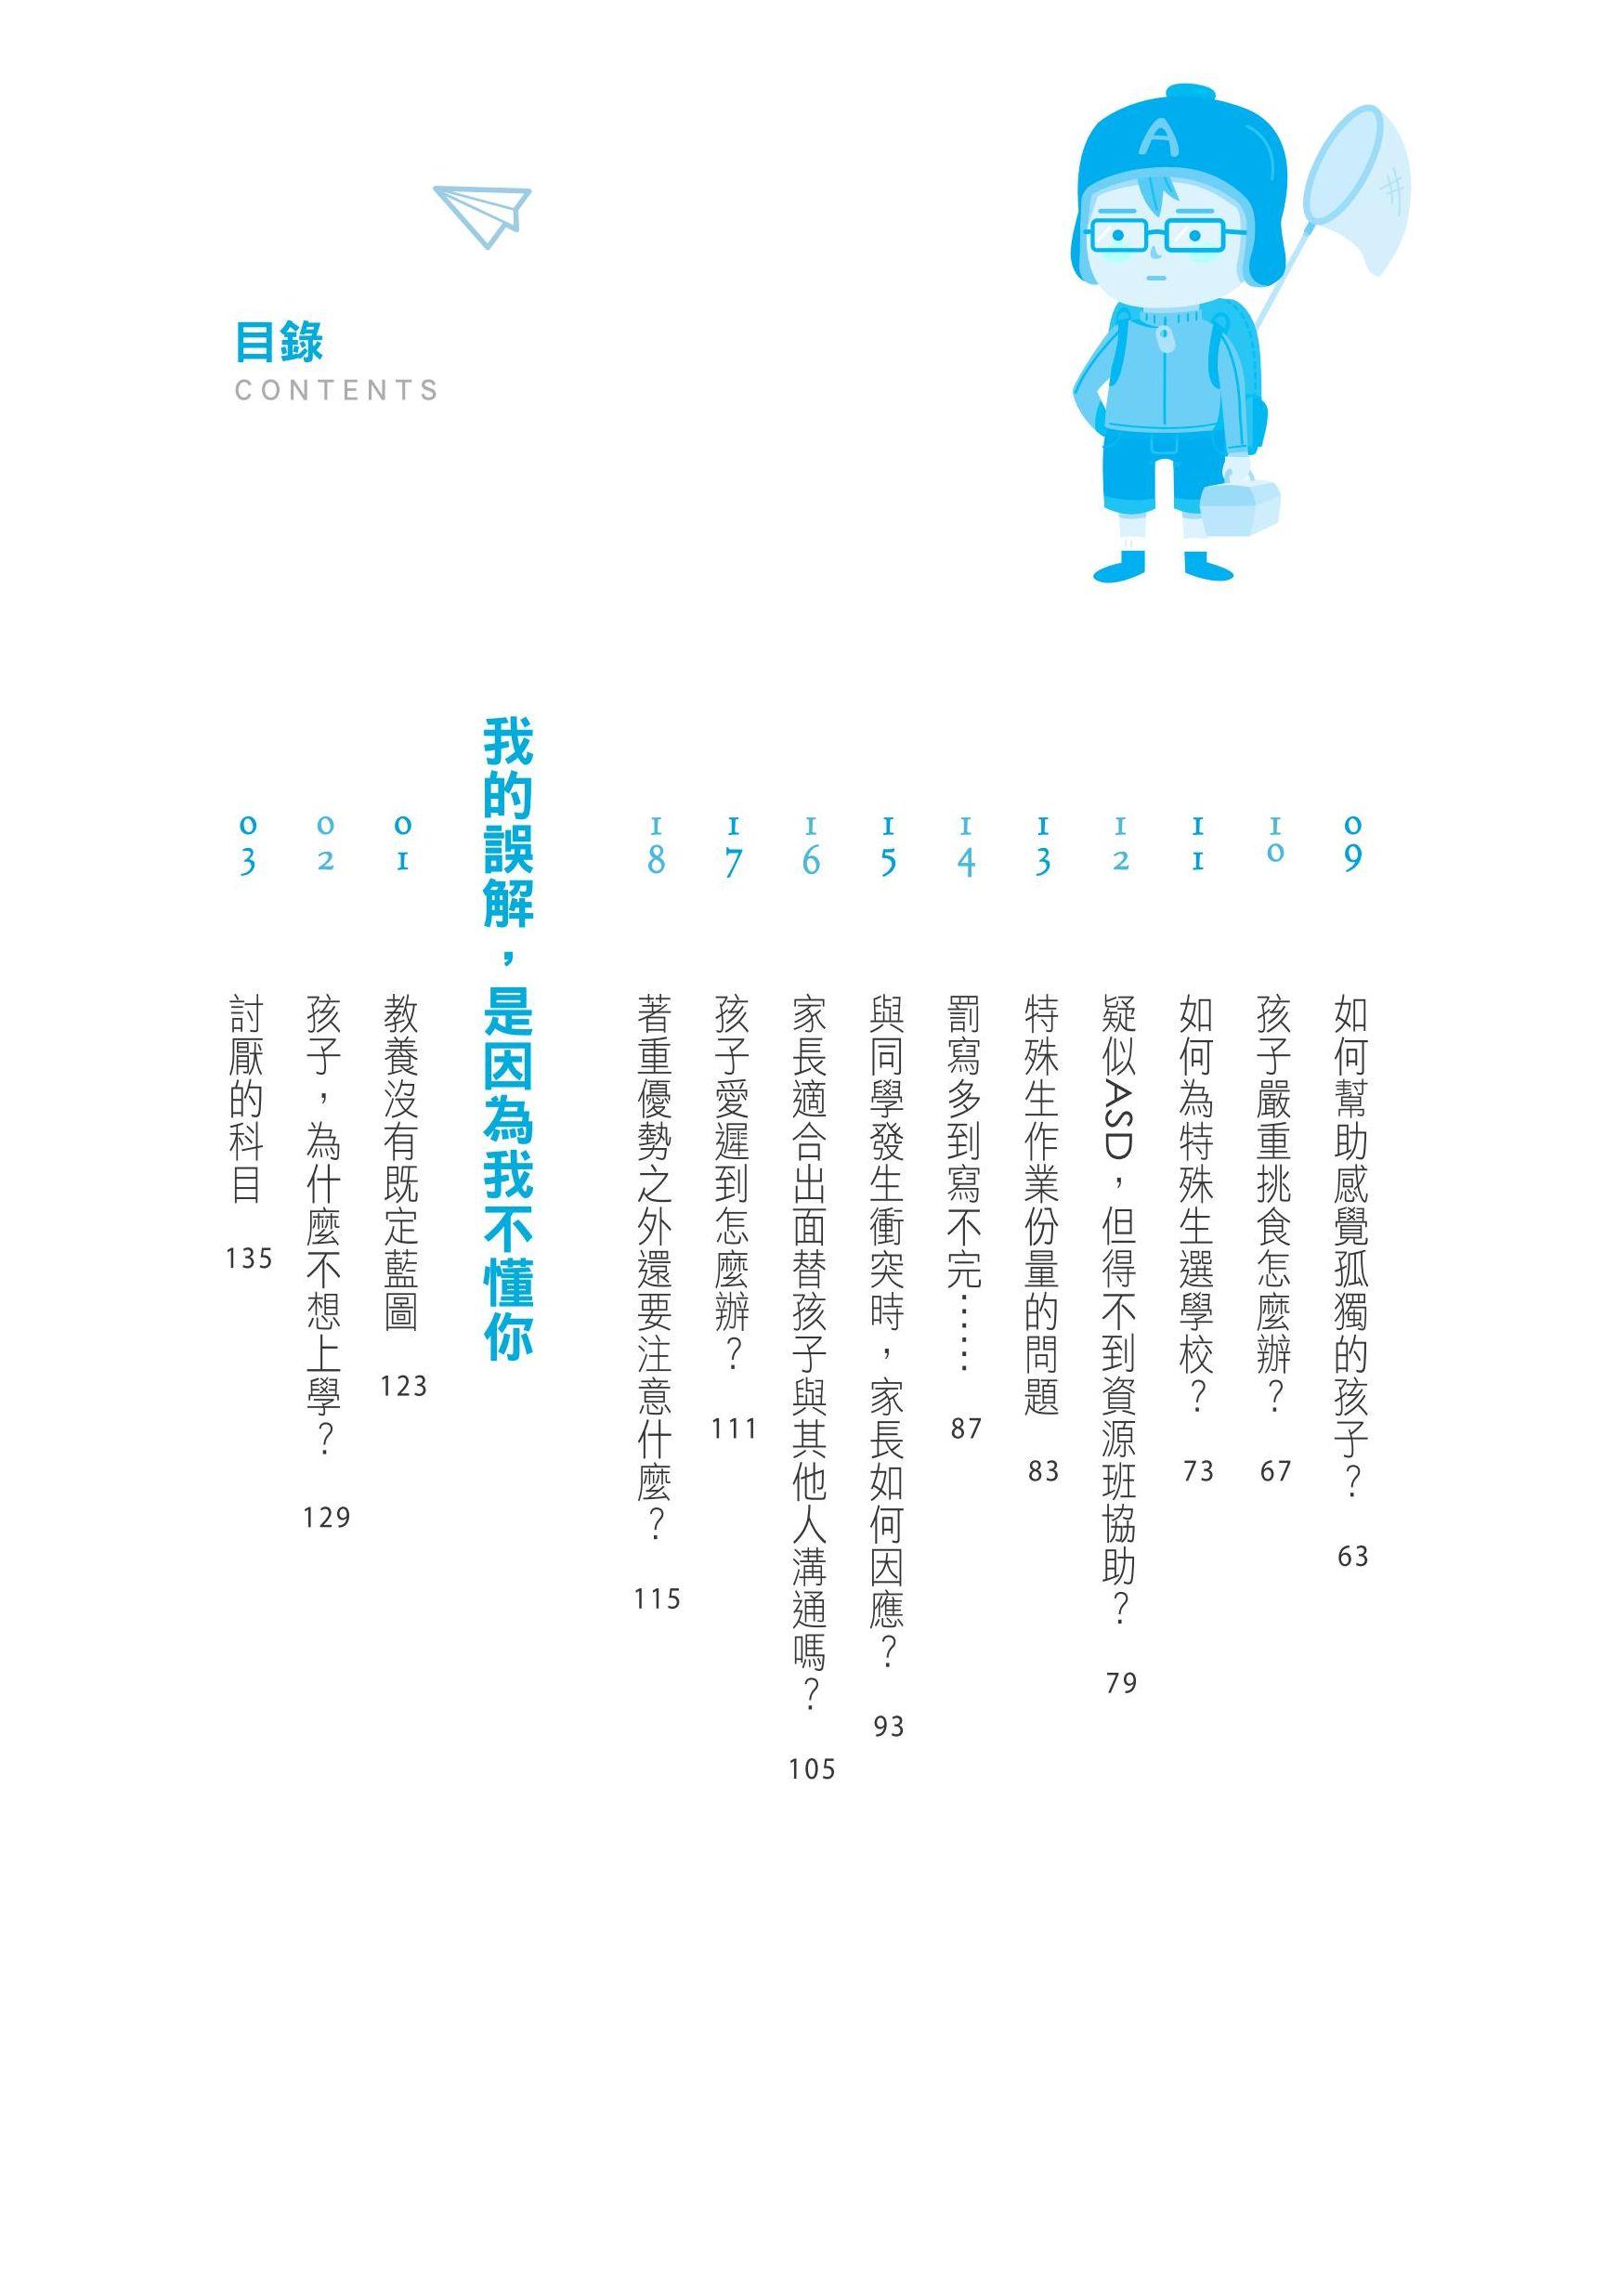 http://im1.book.com.tw/image/getImage?i=http://www.books.com.tw/img/001/070/14/0010701462_bi_02.jpg&v=567a7838&w=655&h=609